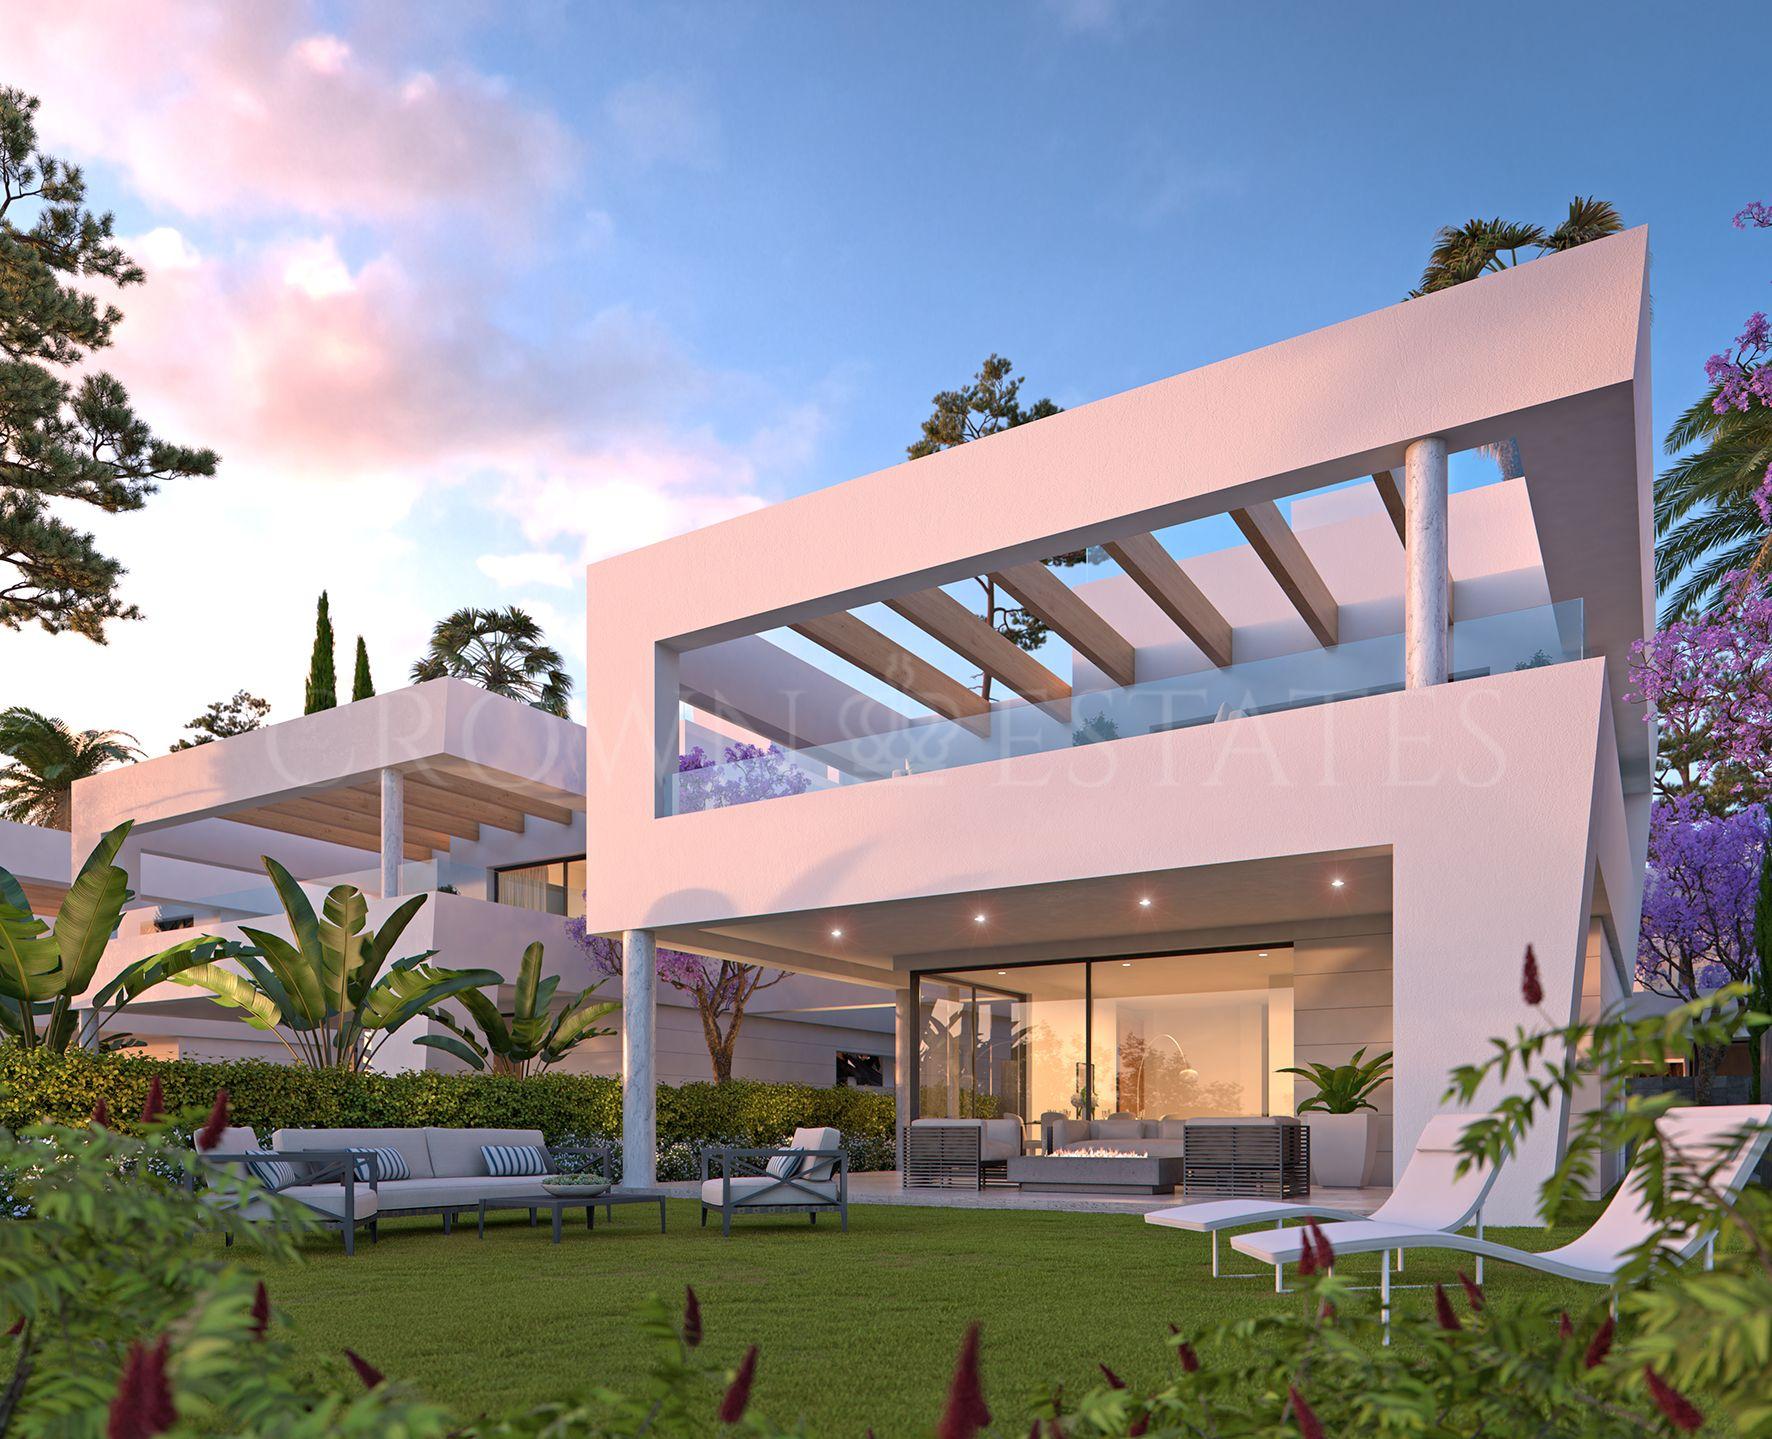 Perlas del Mar, deluxe contemporary beachside villas in San Pedro de Alcántara.